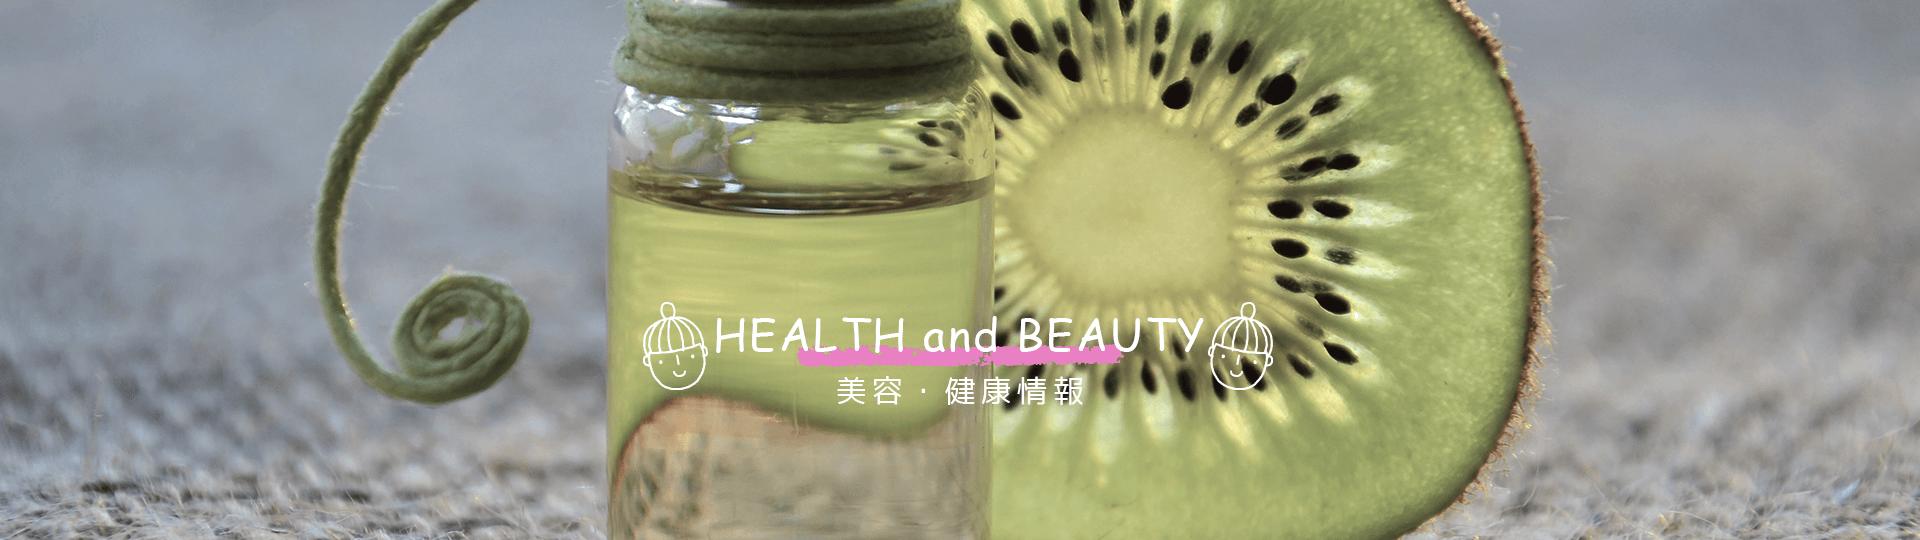 美容・健康の情報一覧ページです